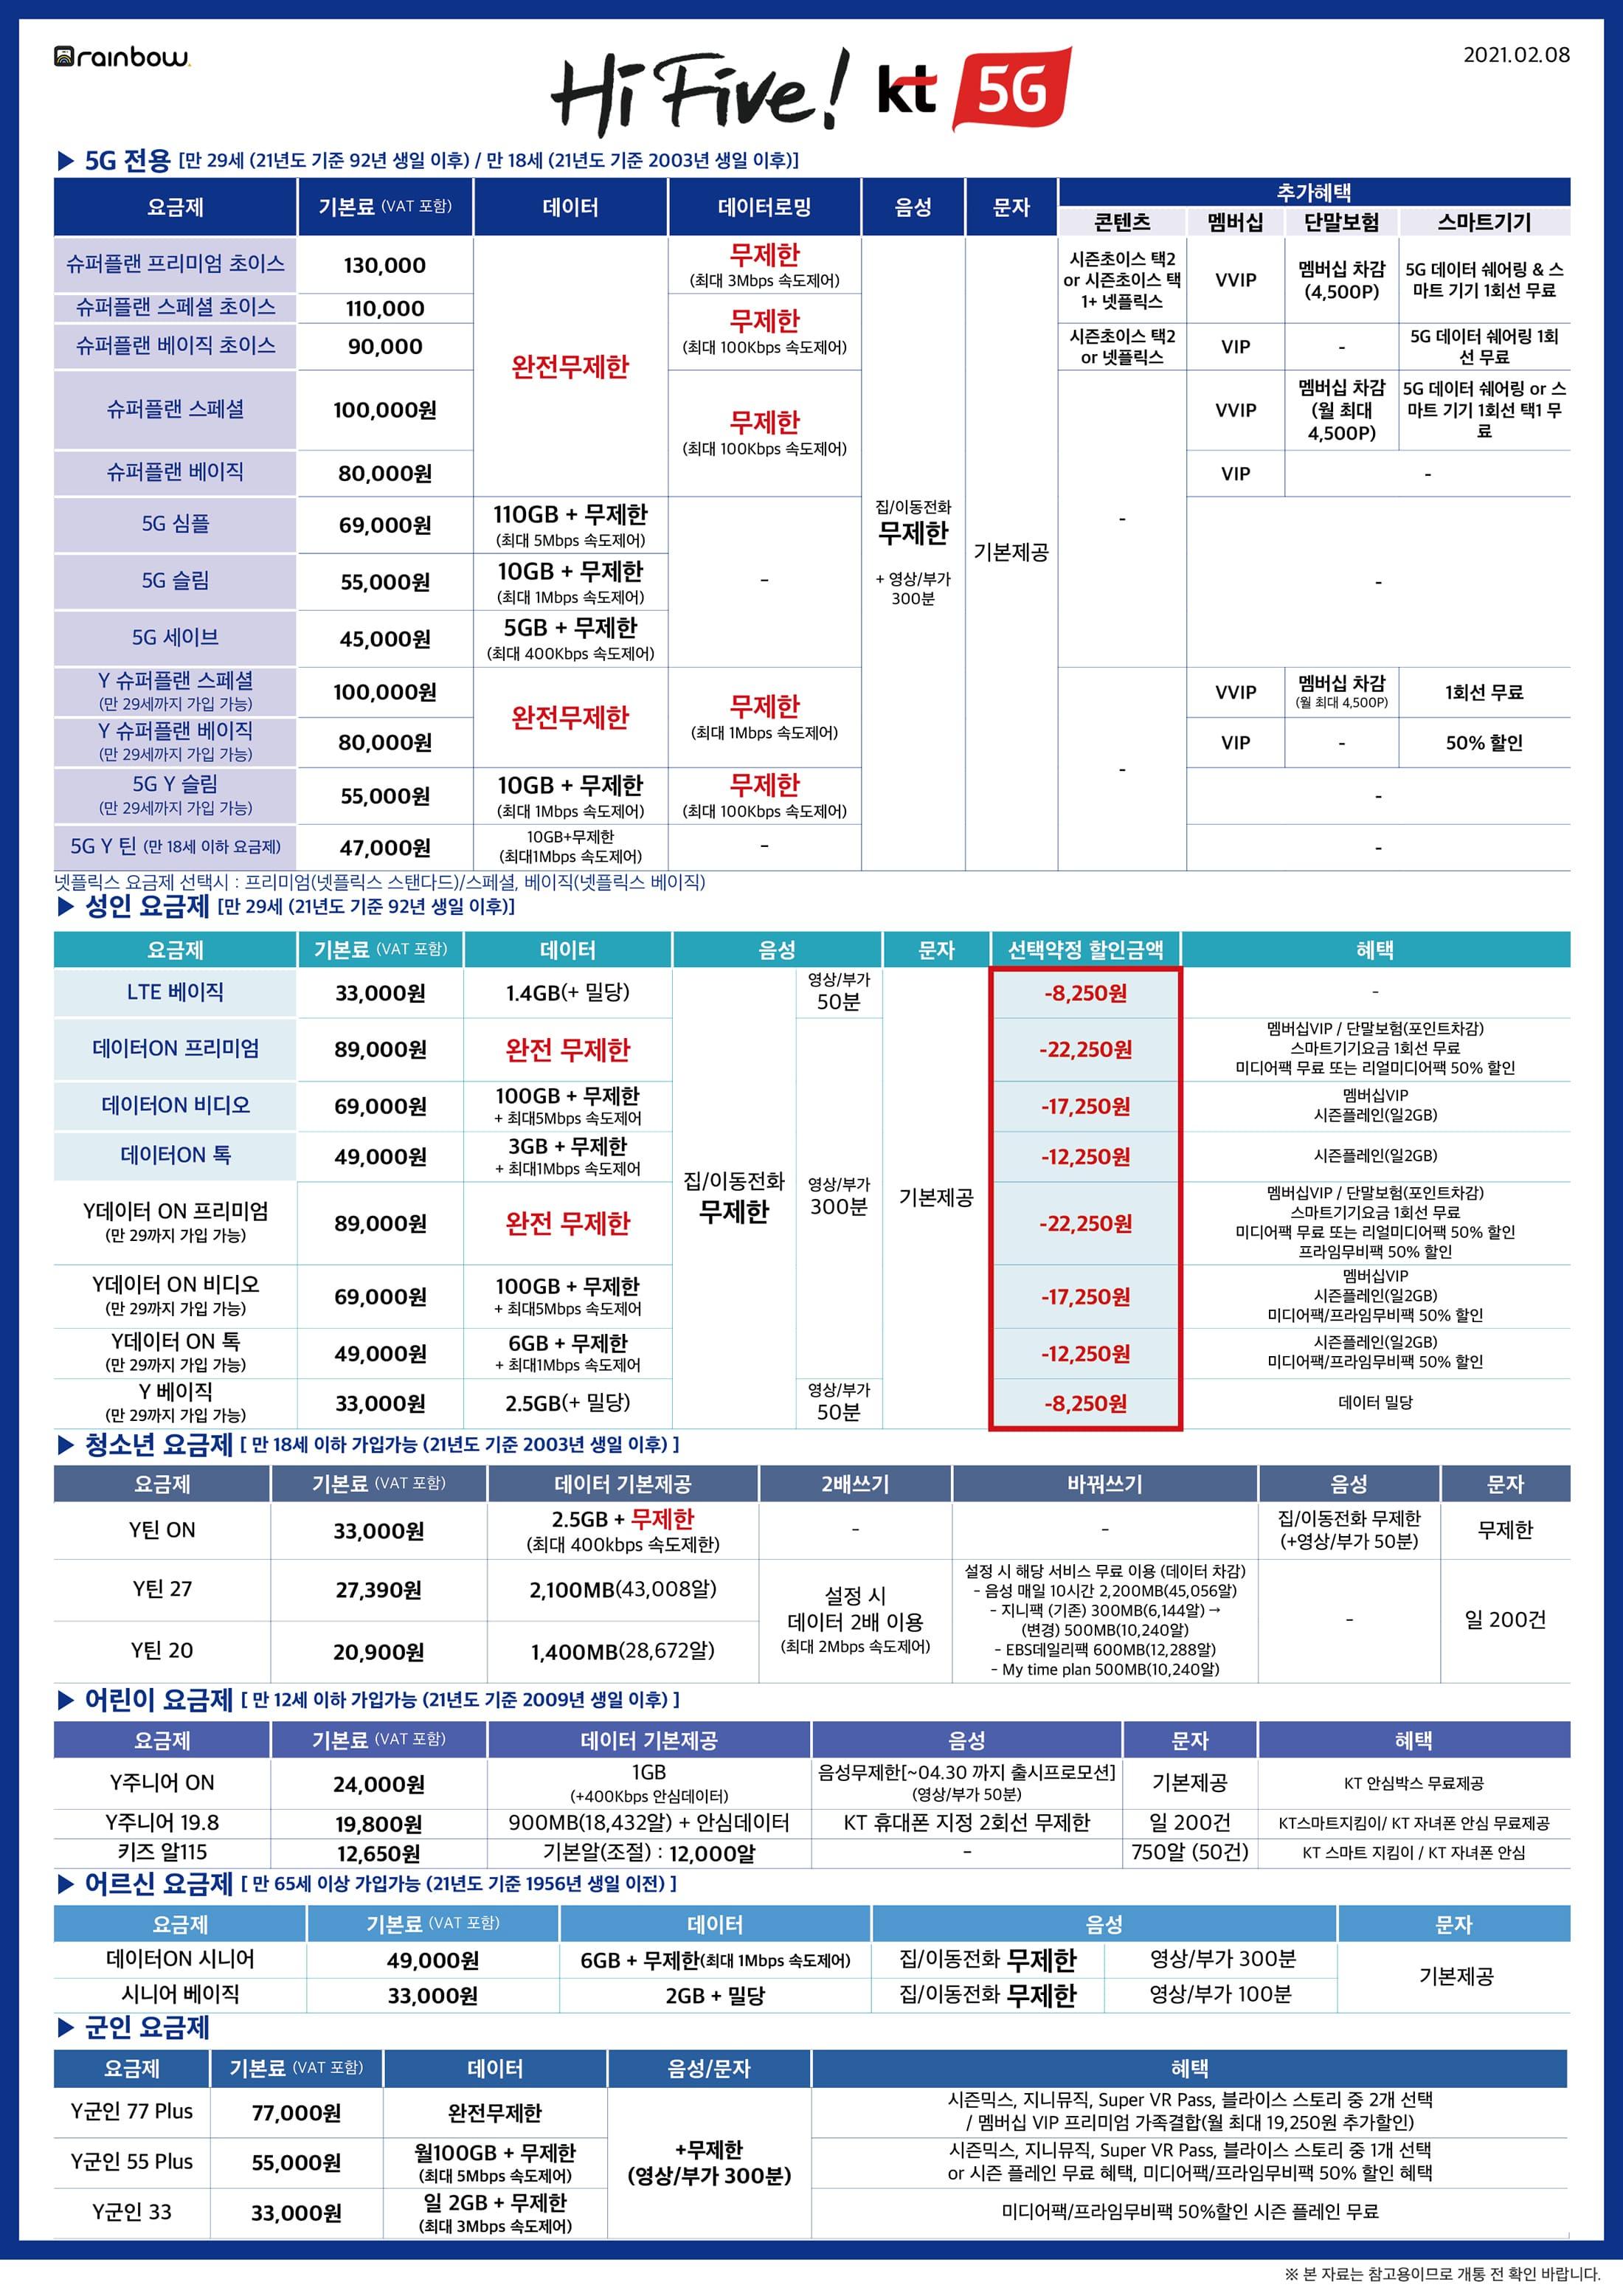 21.02.08_KT_plans.jpg